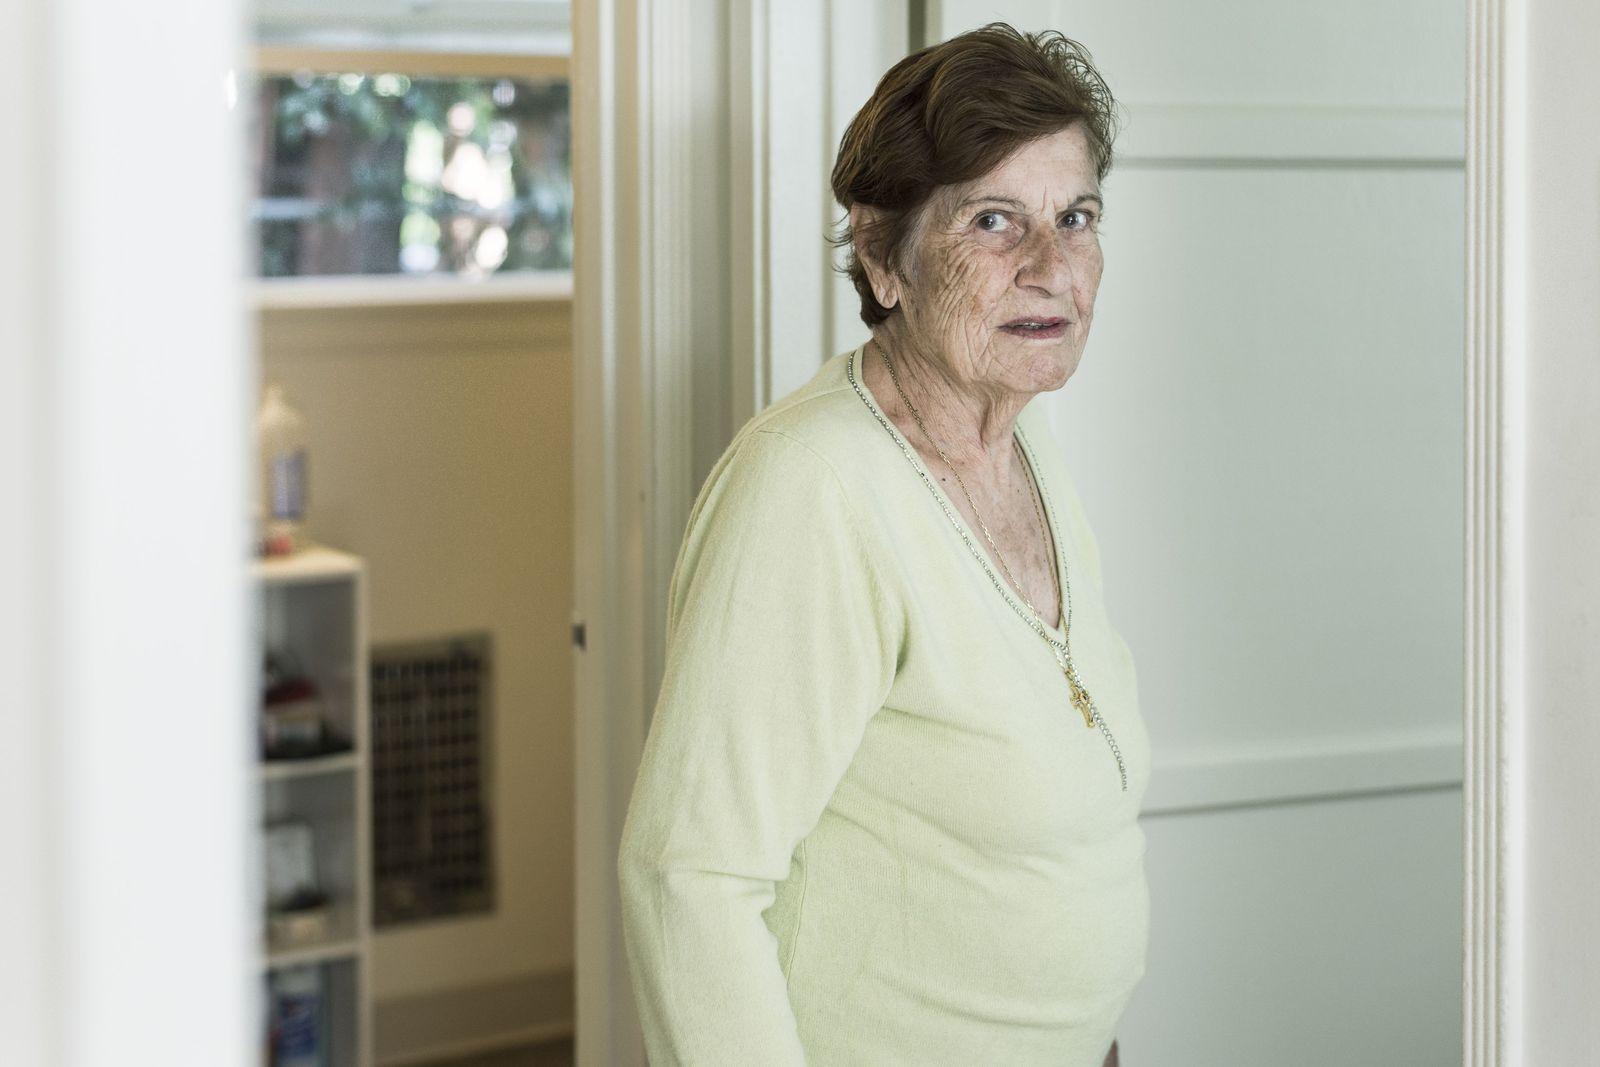 """Aroussiag Sassounian 84, Rentnerin, Los Angeles """"Die waren so fasziniert vom armenischen Kaffee, dass sie ihn nicht austranken und die halbvollen Tassen mit nach Hause nahmen."""" © Erol Gurian 2016"""